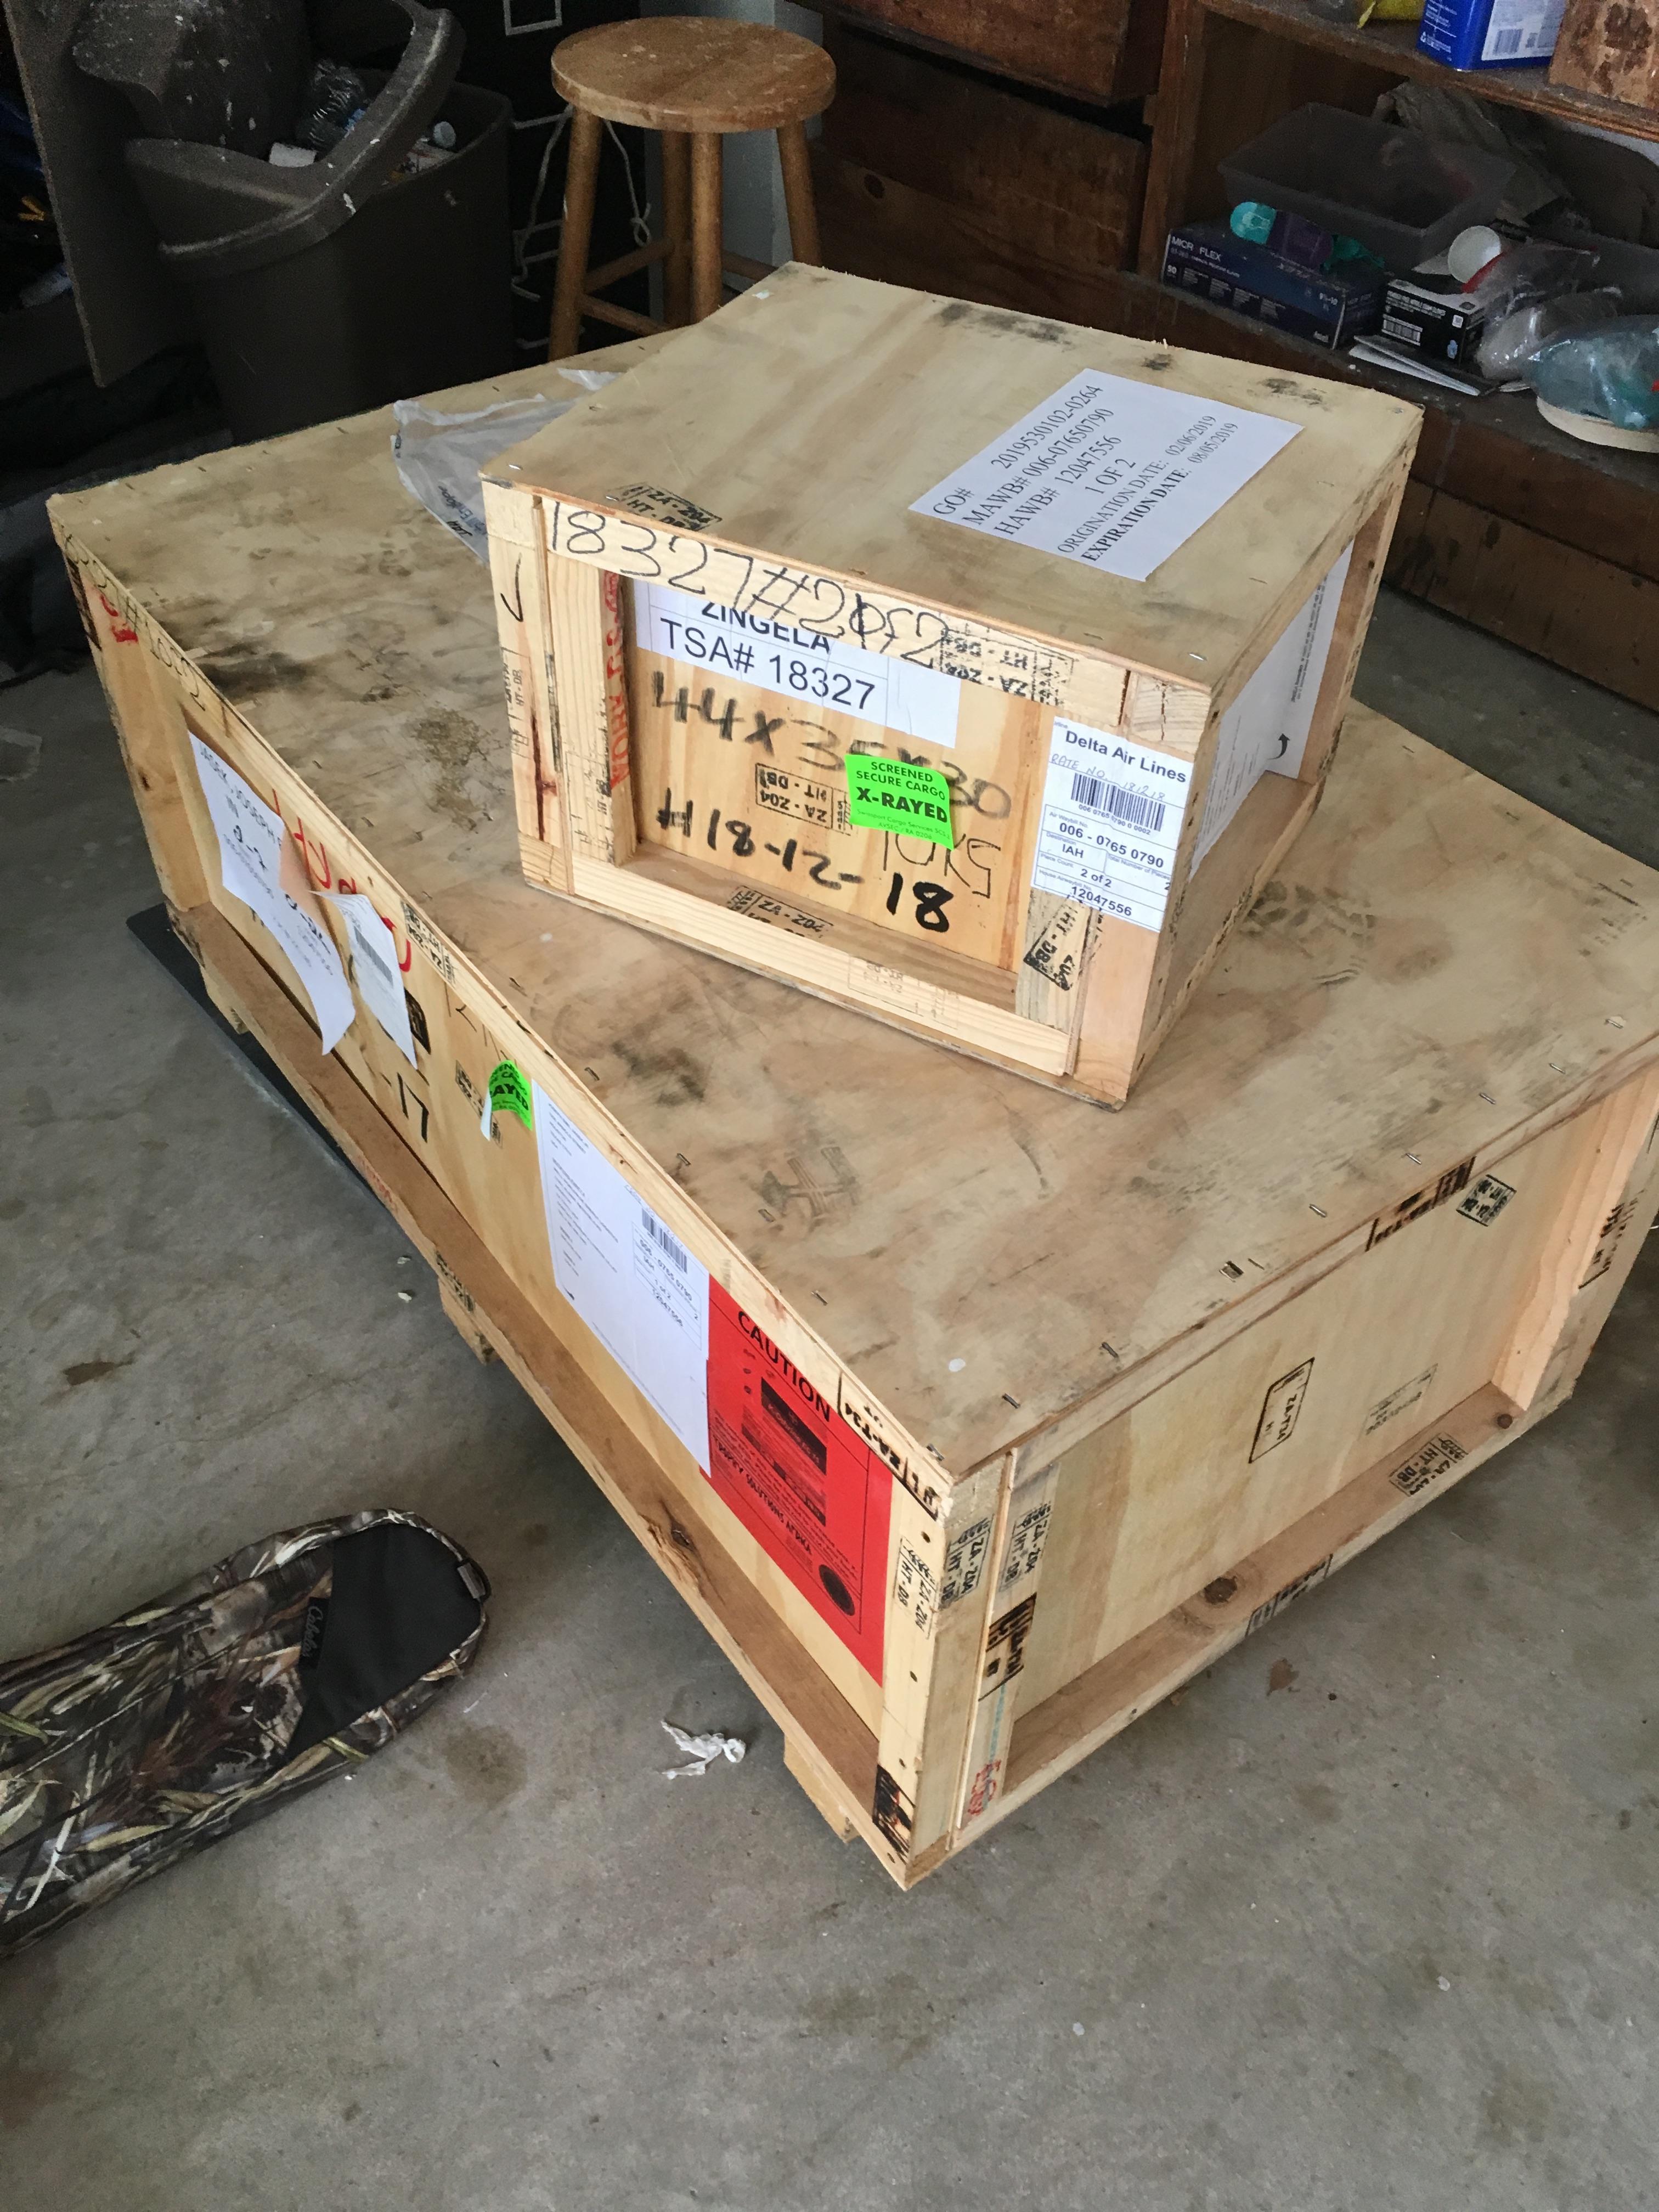 E4A129D2-BD2C-4C7B-87B0-5A66E8C710A5.jpeg